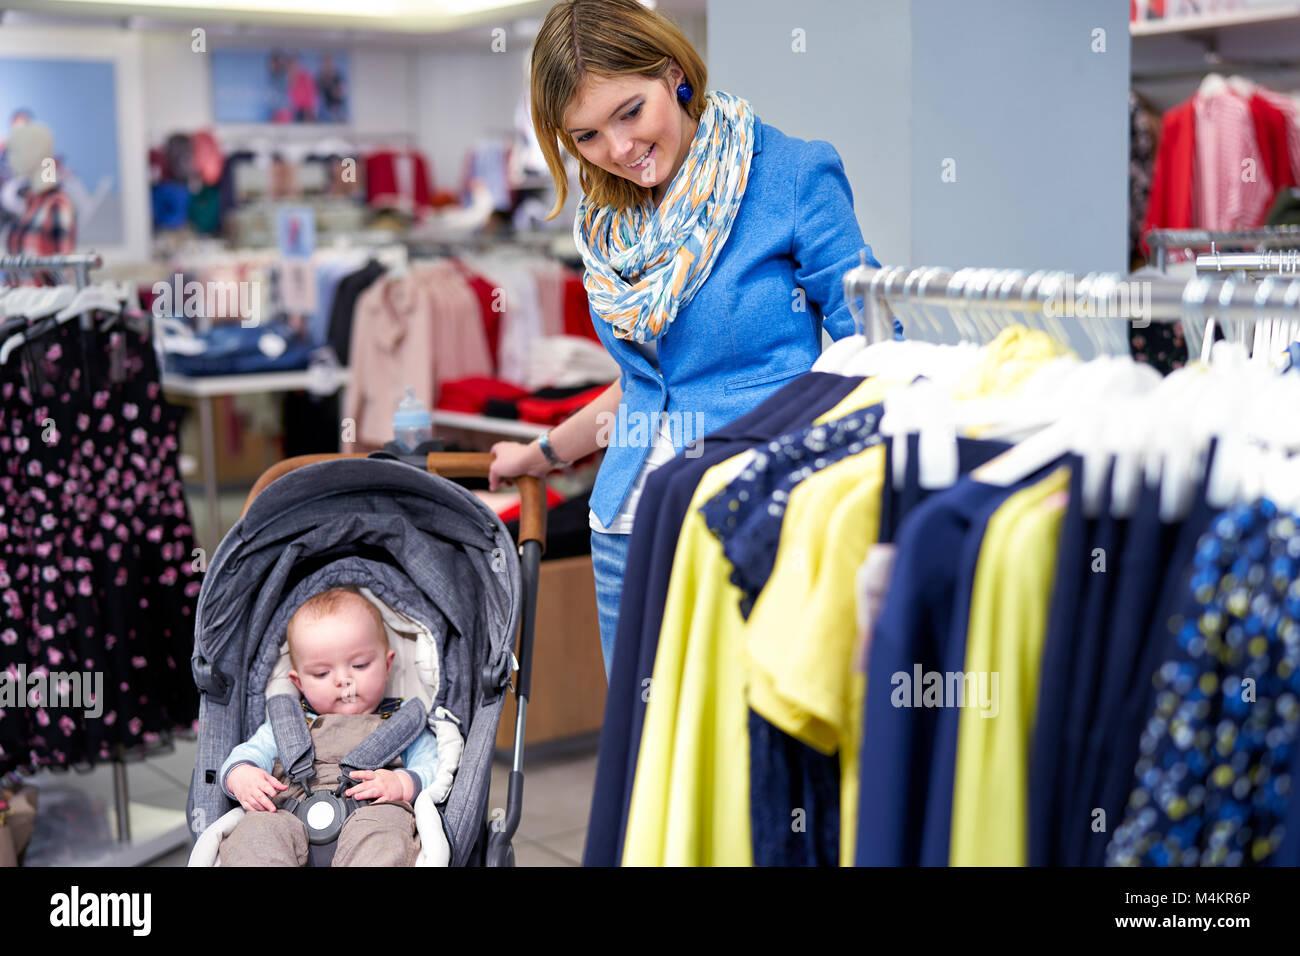 Jeune femme choisit des vêtements dans un magasin Photo Stock